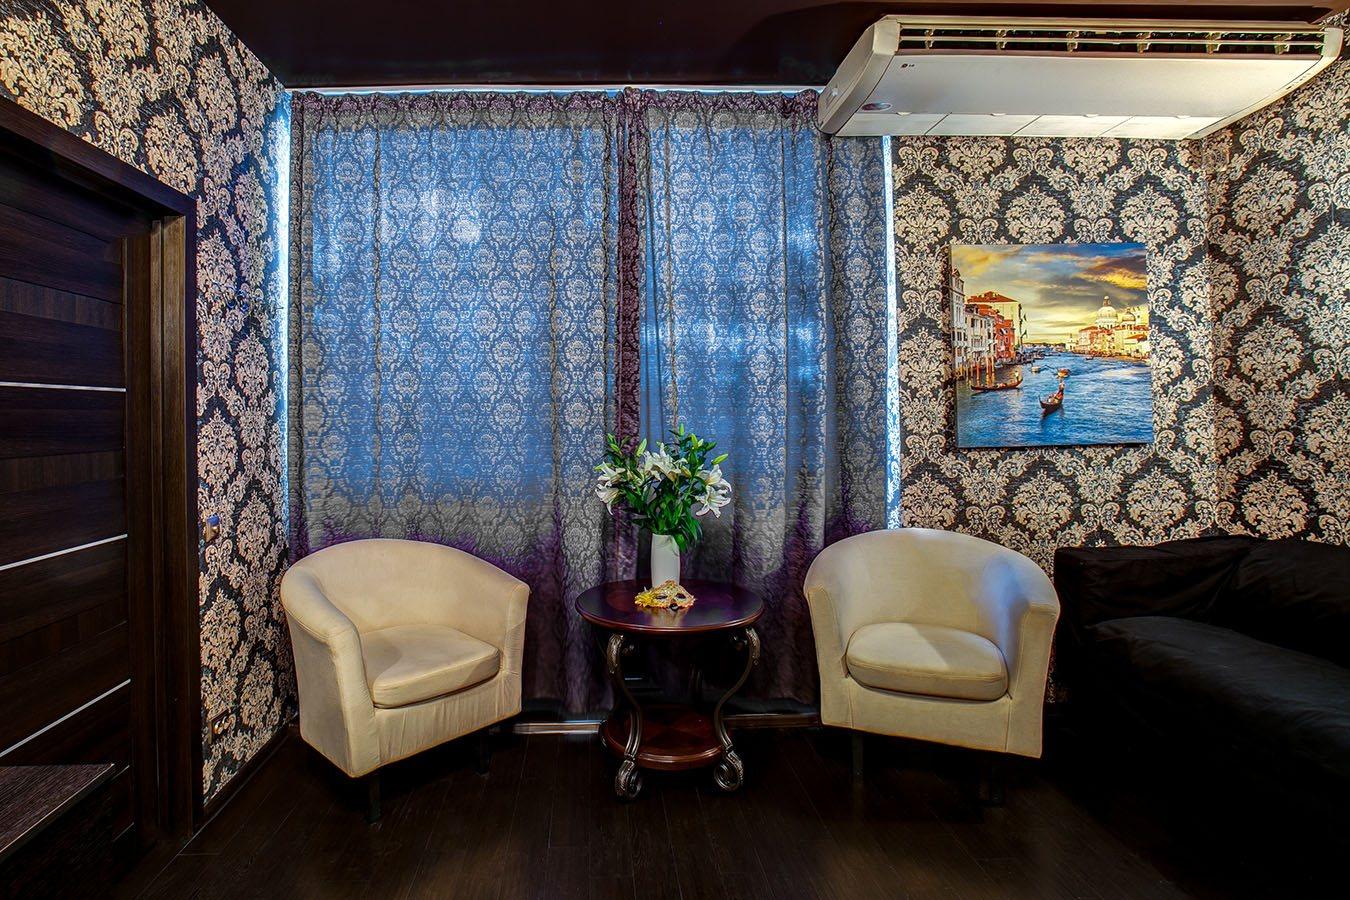 Эротический массаж для мужчин в Санкт-Петербурге спа салоны индивидуалки Почтамтская улица